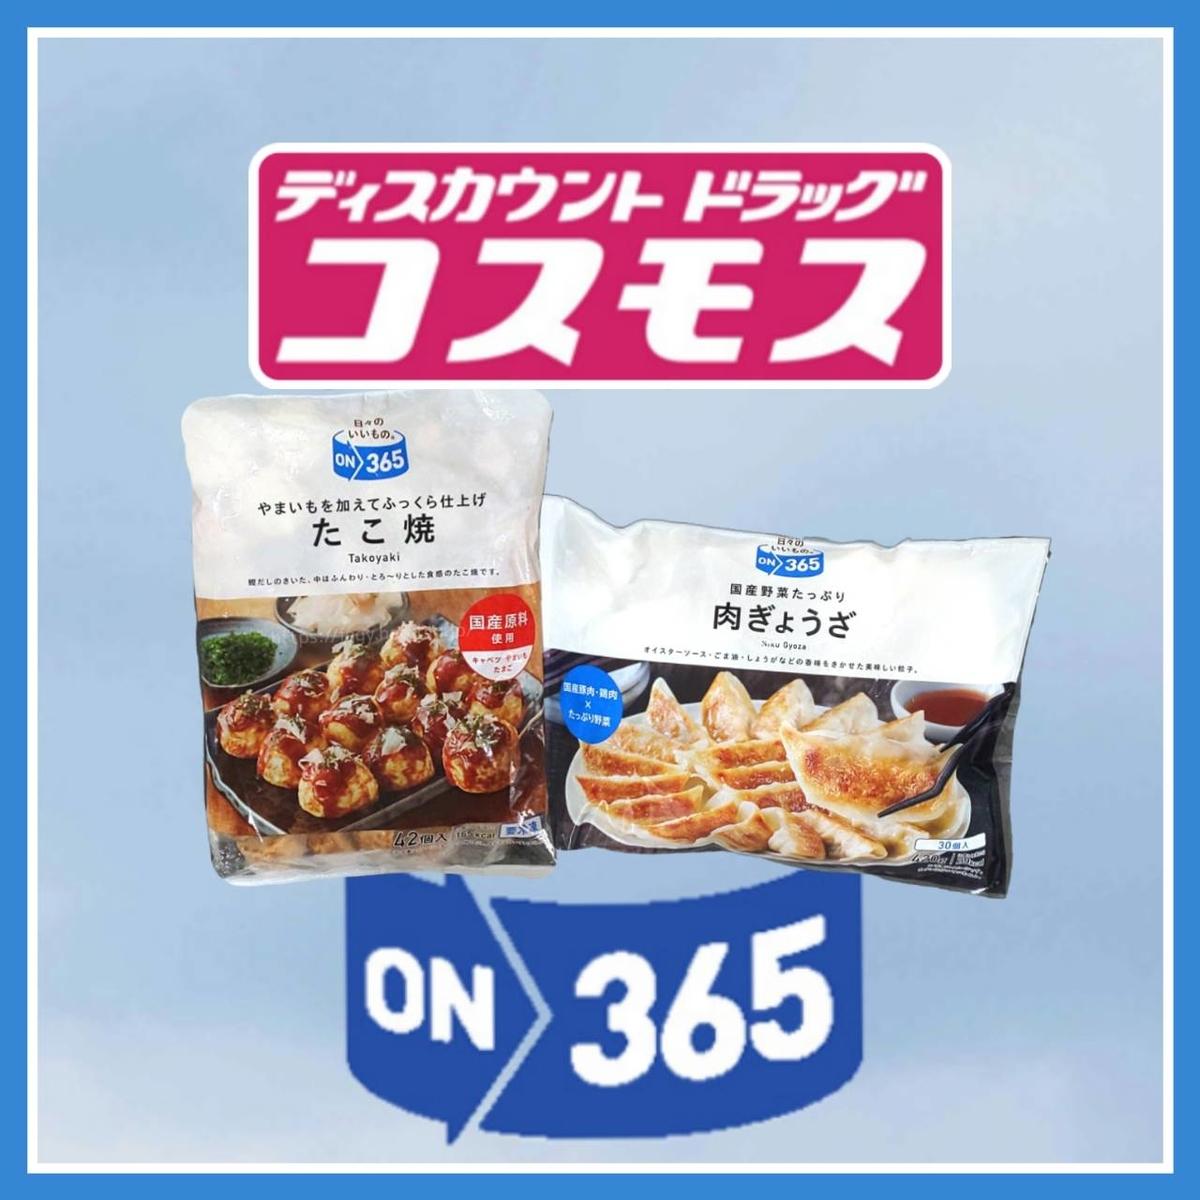 コスモス ON365「たこ焼き」「肉ぎょうざ」おすすめ冷凍食品 LIFE